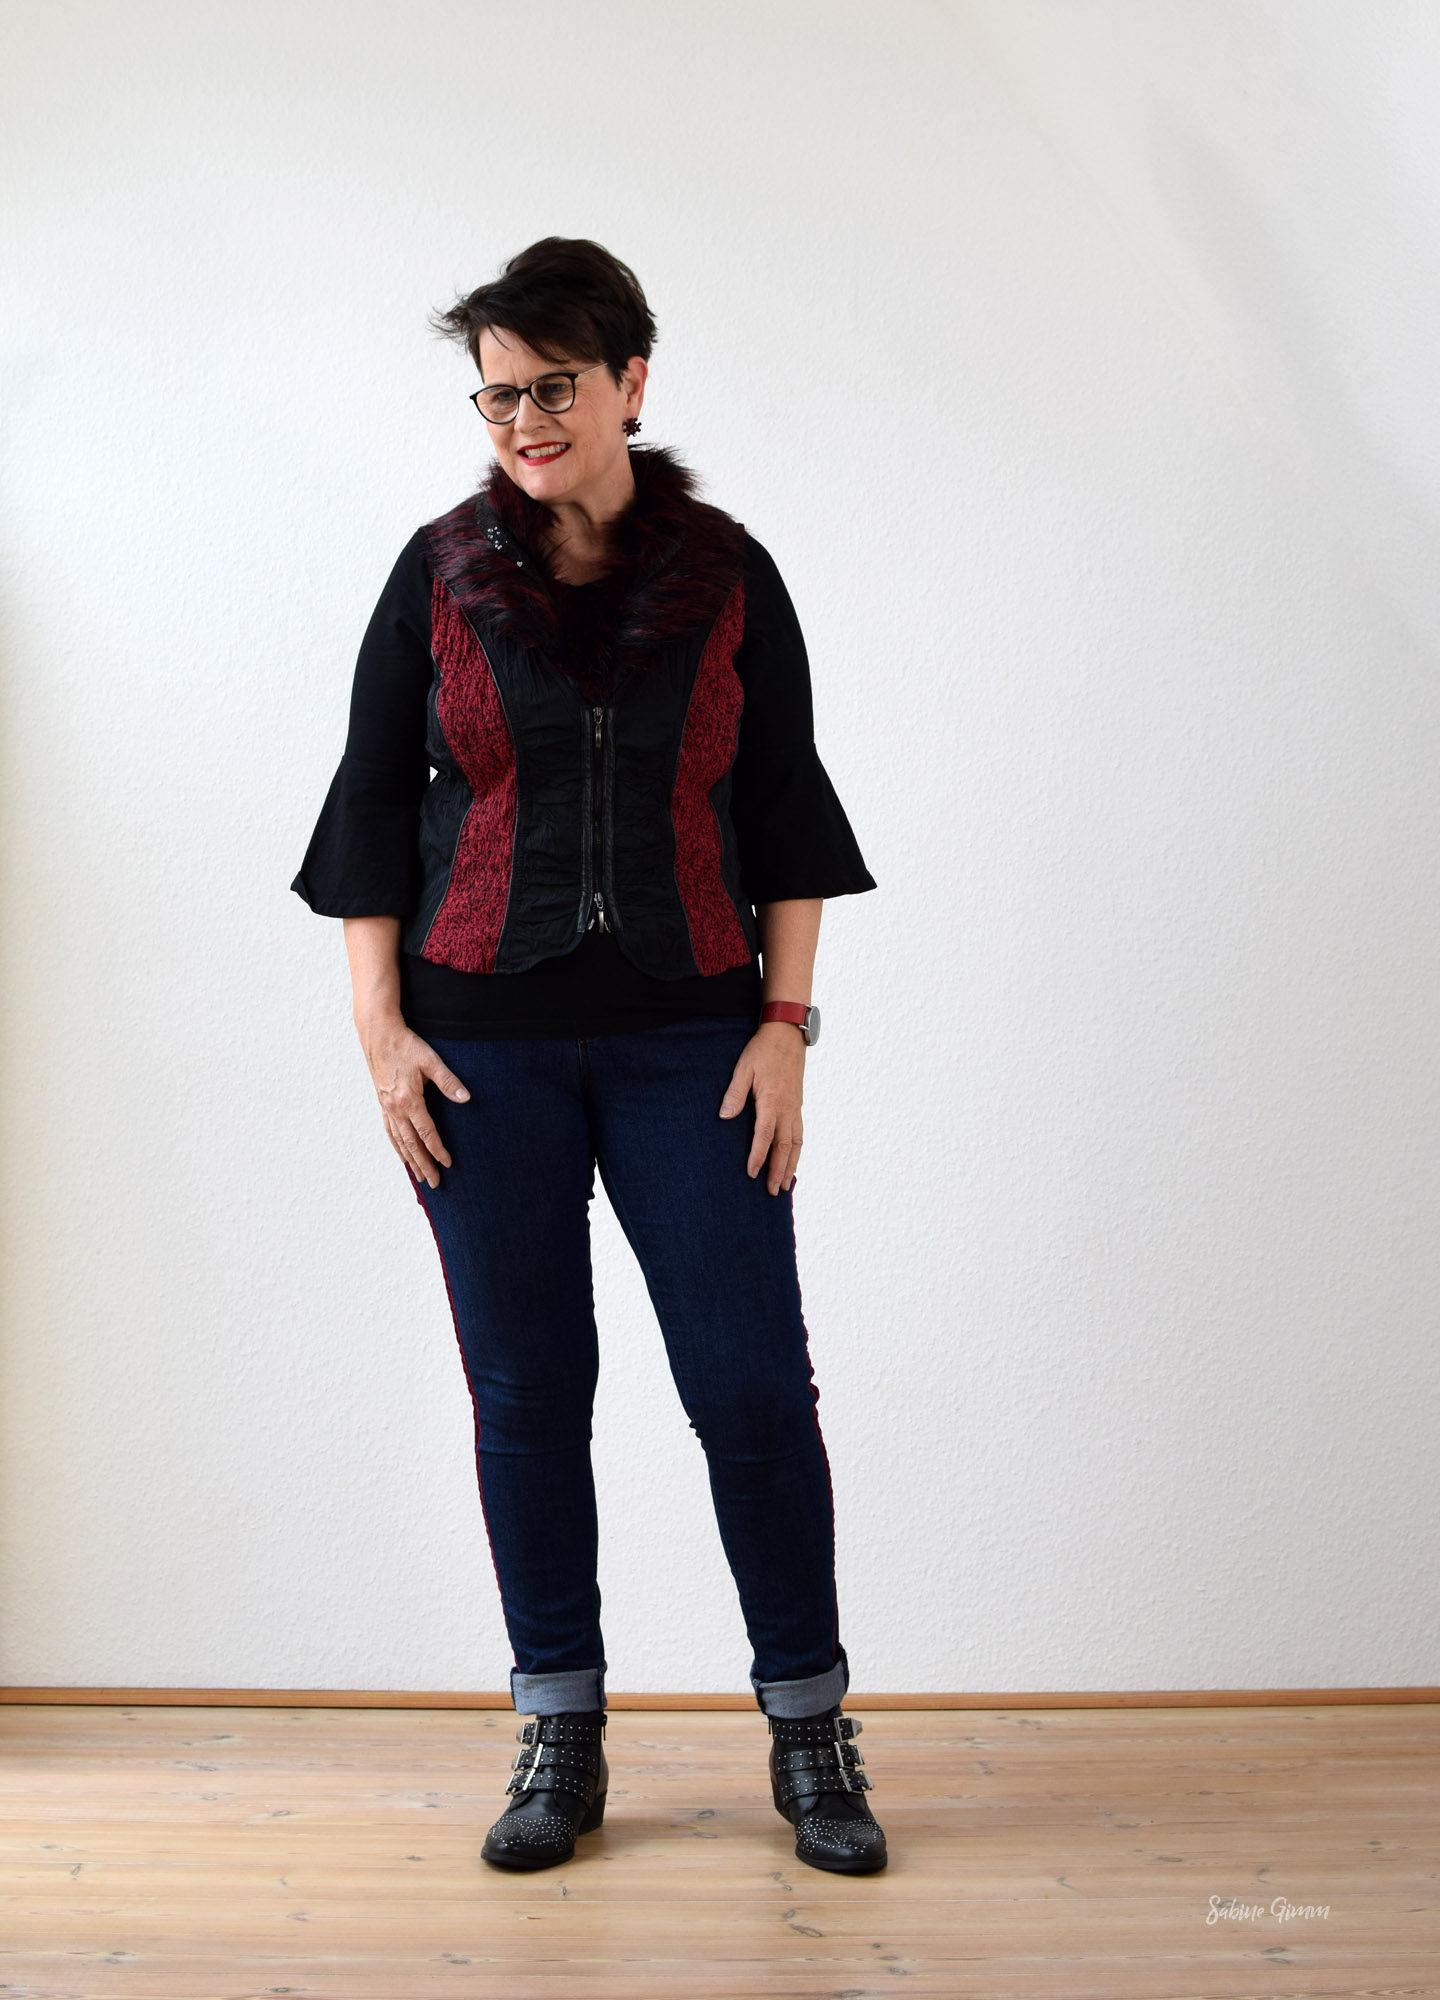 Herbstblues oder Blogunlust – macht ein Modeblog ü50 überhaupt Sinn?